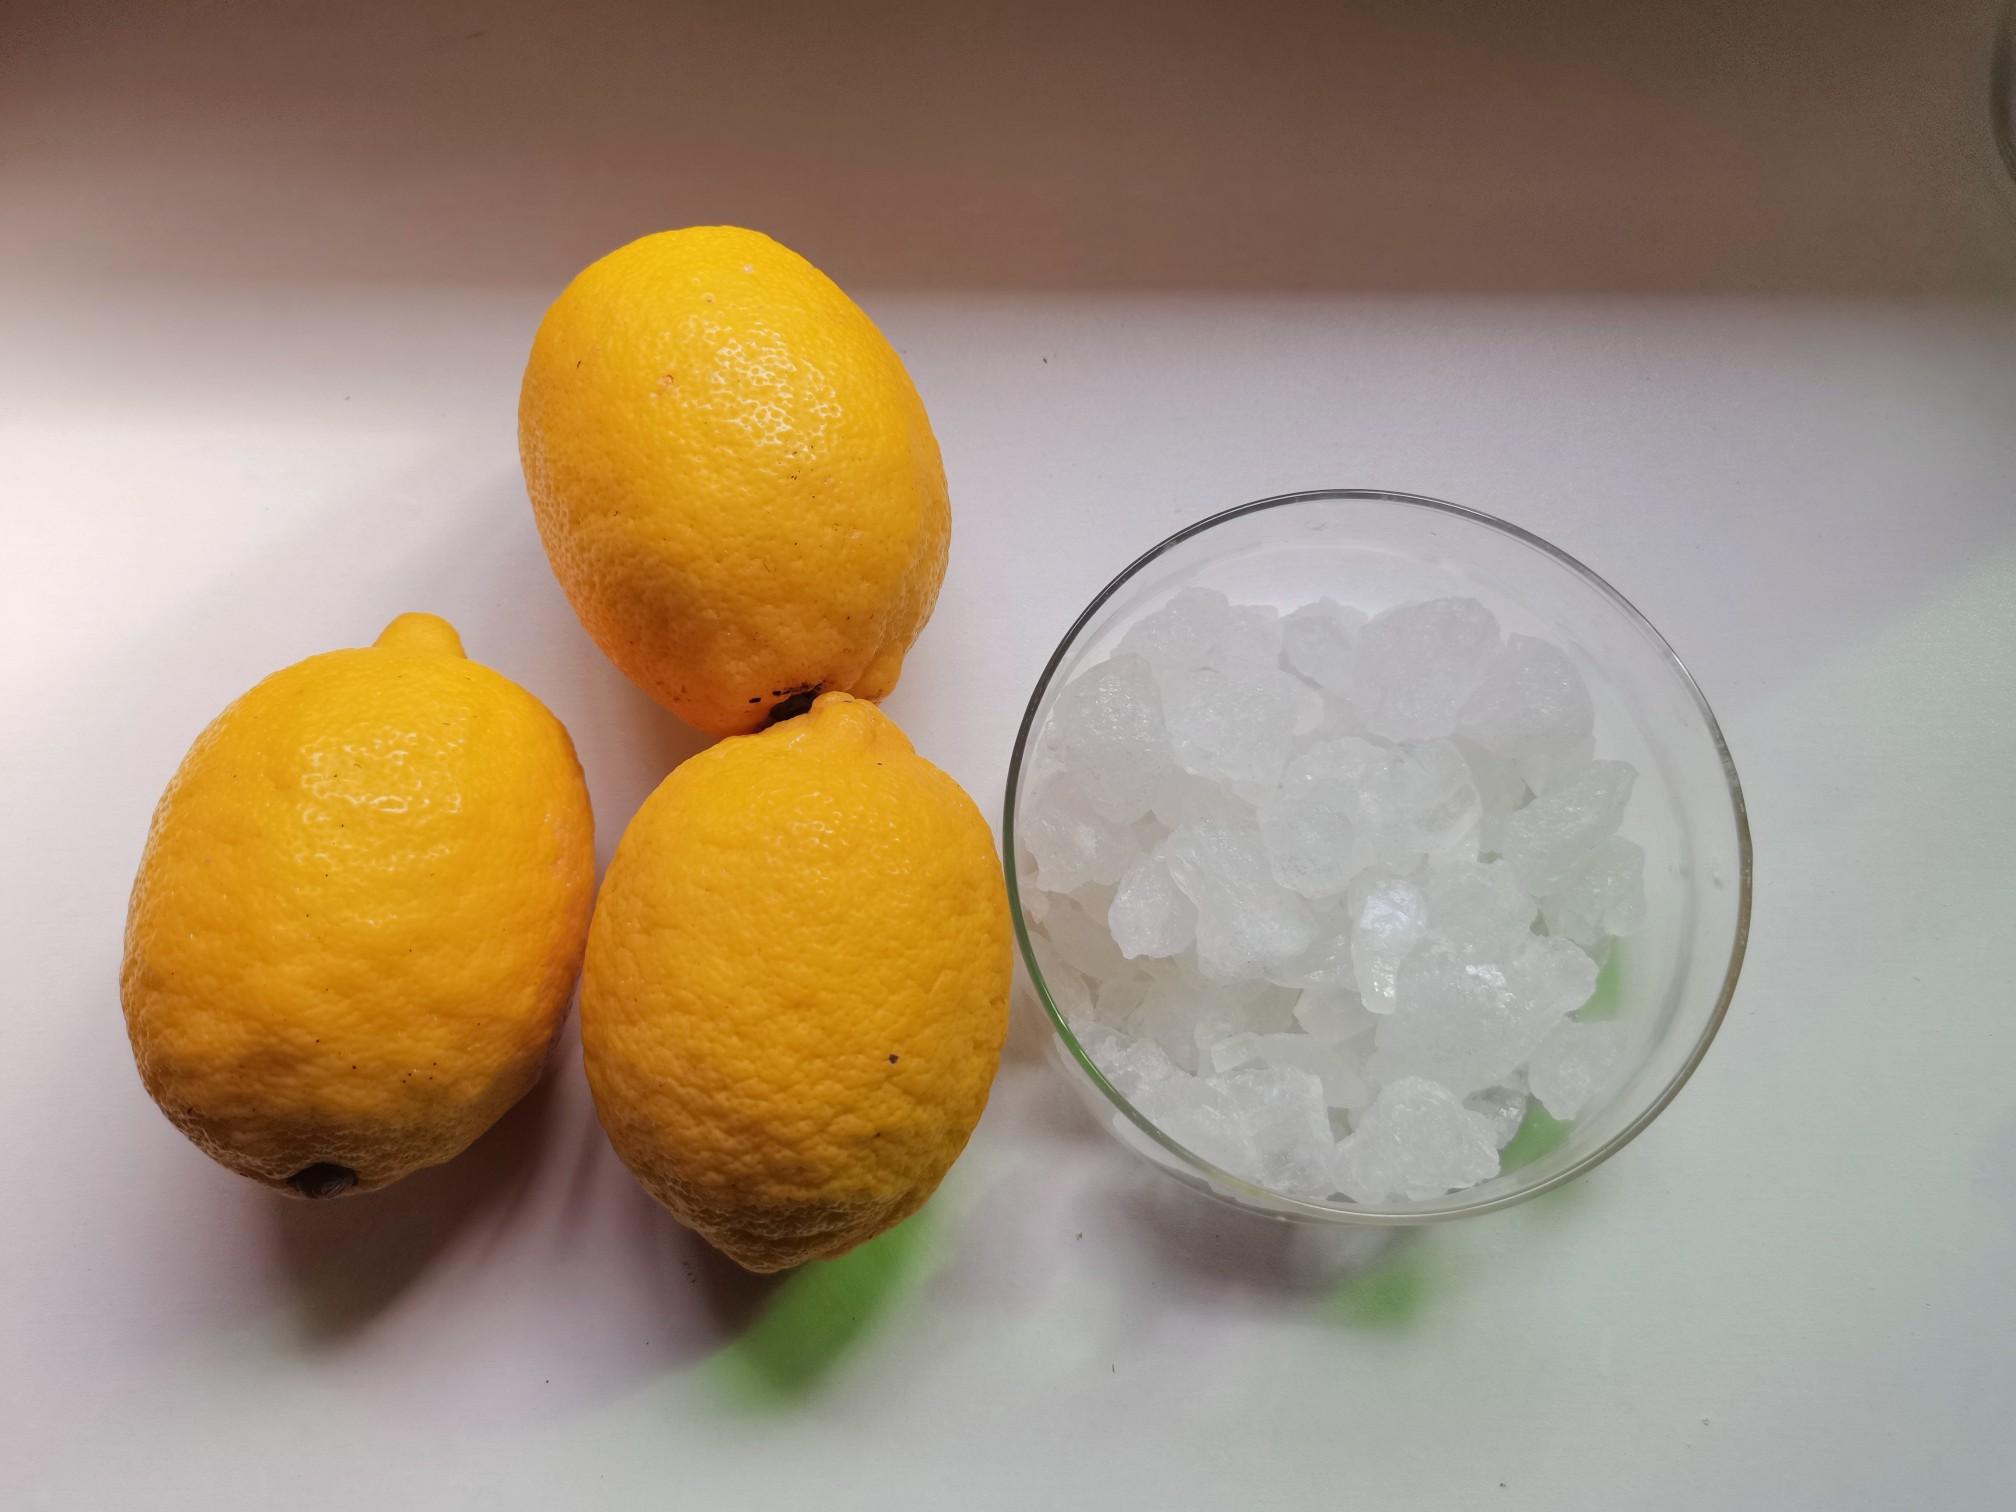 冰糖柠檬的做法大全